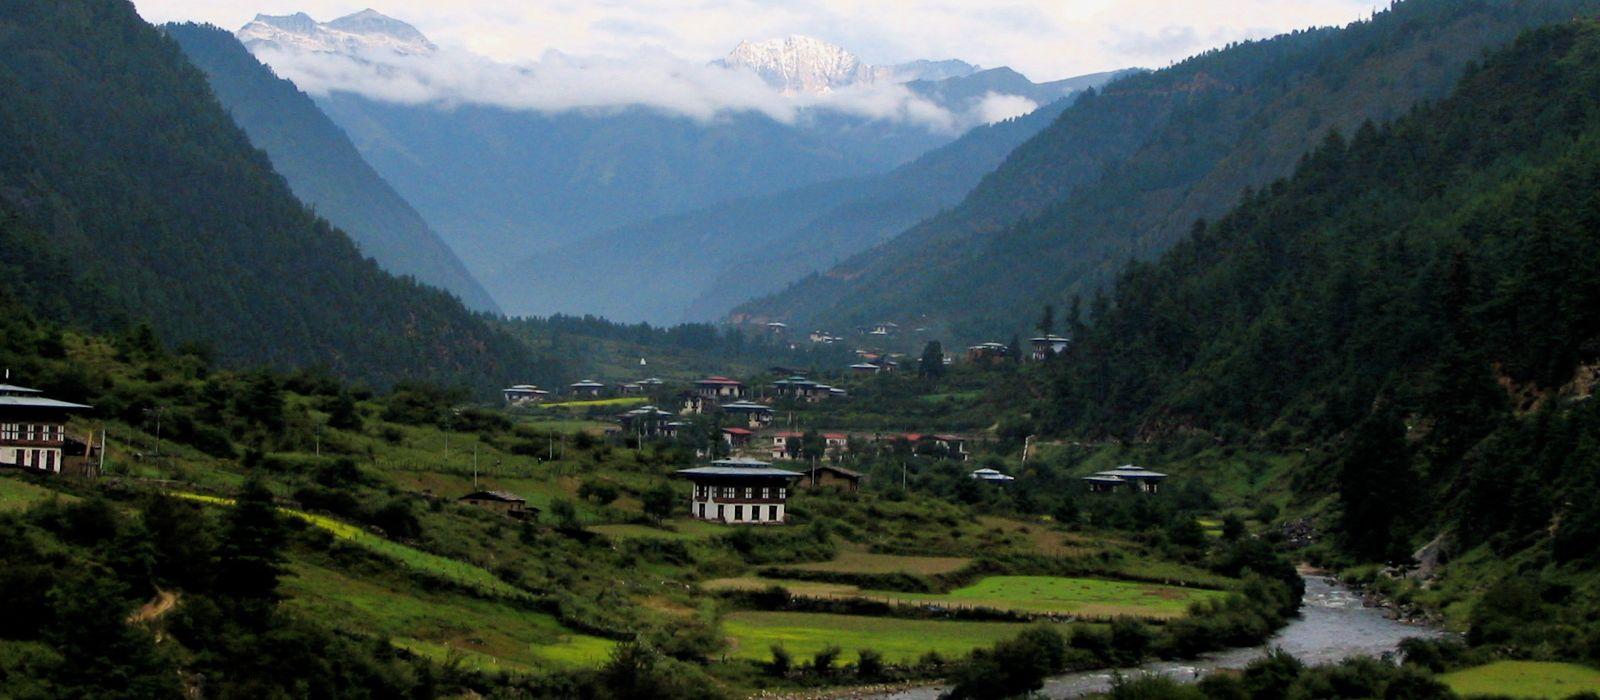 Destination Haa Valley Bhutan